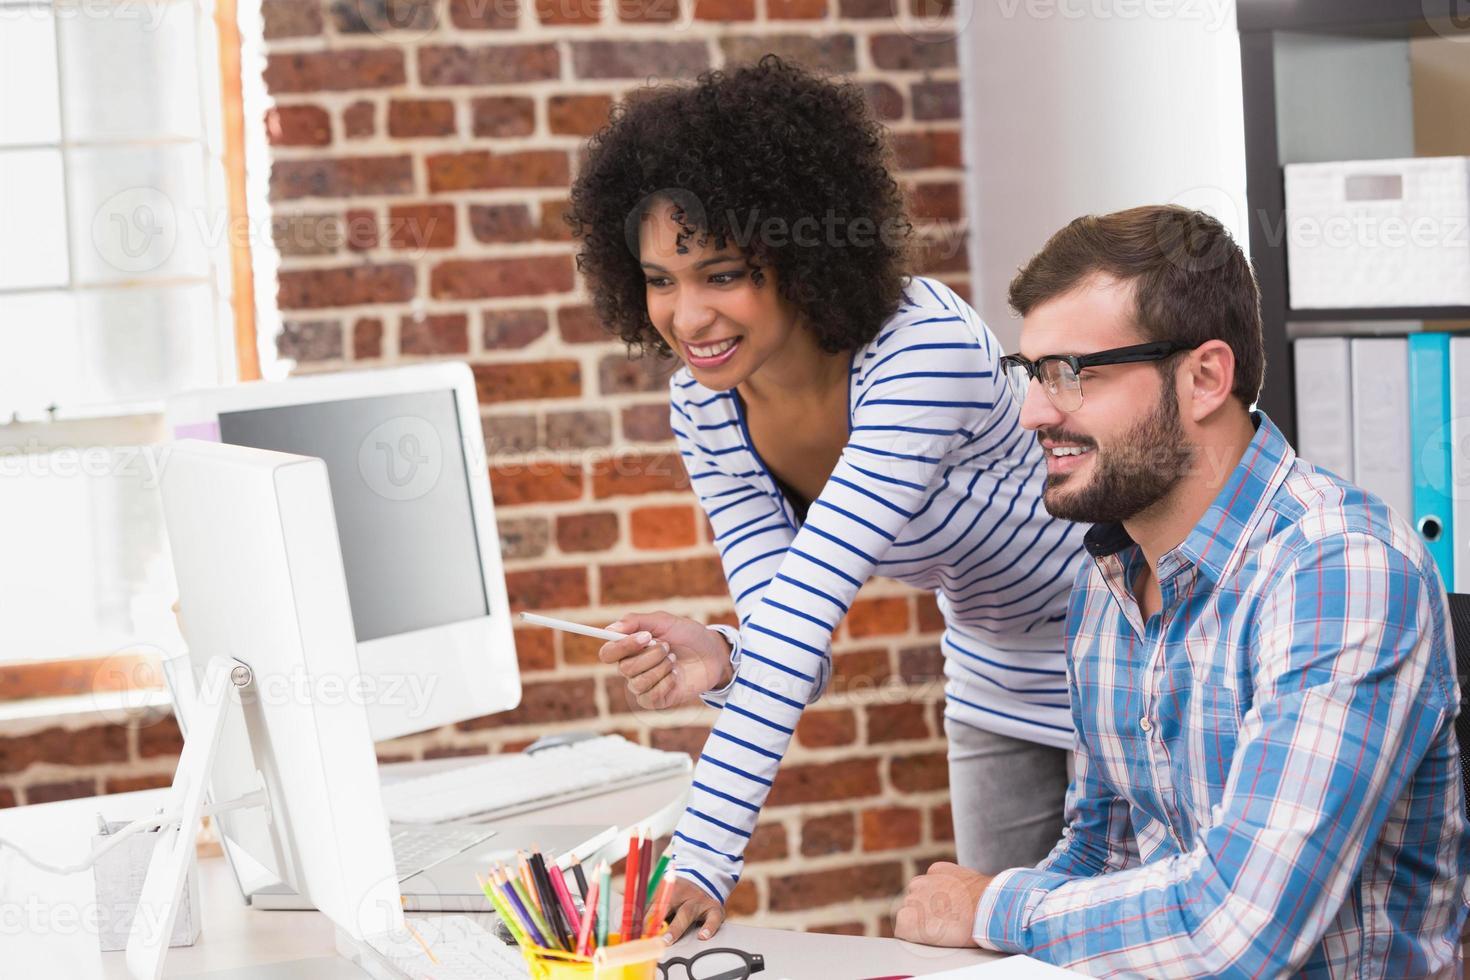 éditeurs de photos utilisant un ordinateur au bureau